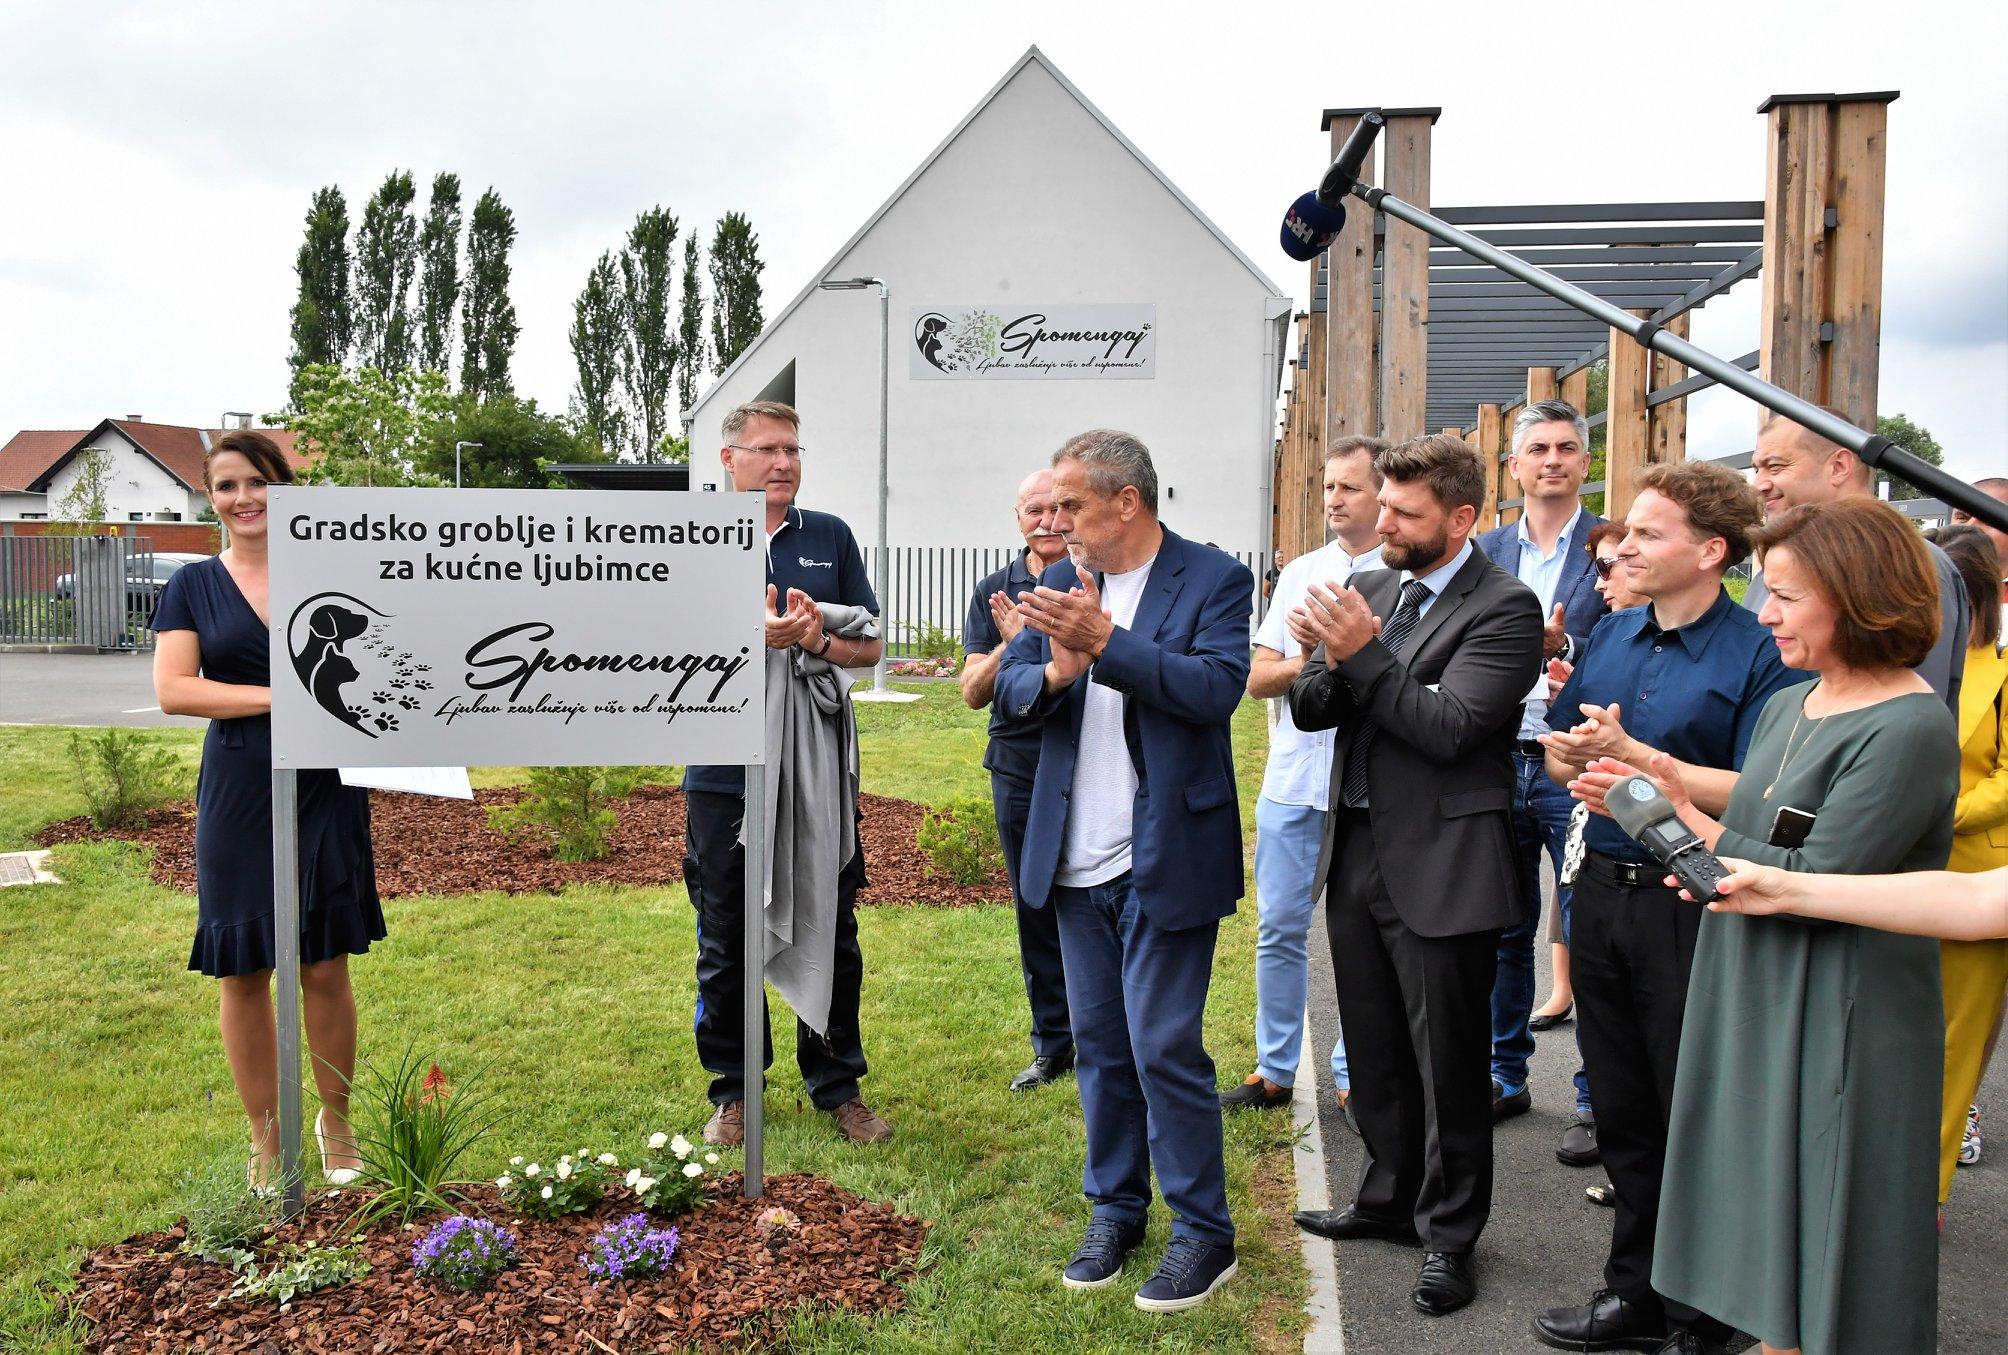 U Zagrebu otvoreno prvo groblje kućnih ljubimaca u ovom dijelu Europe